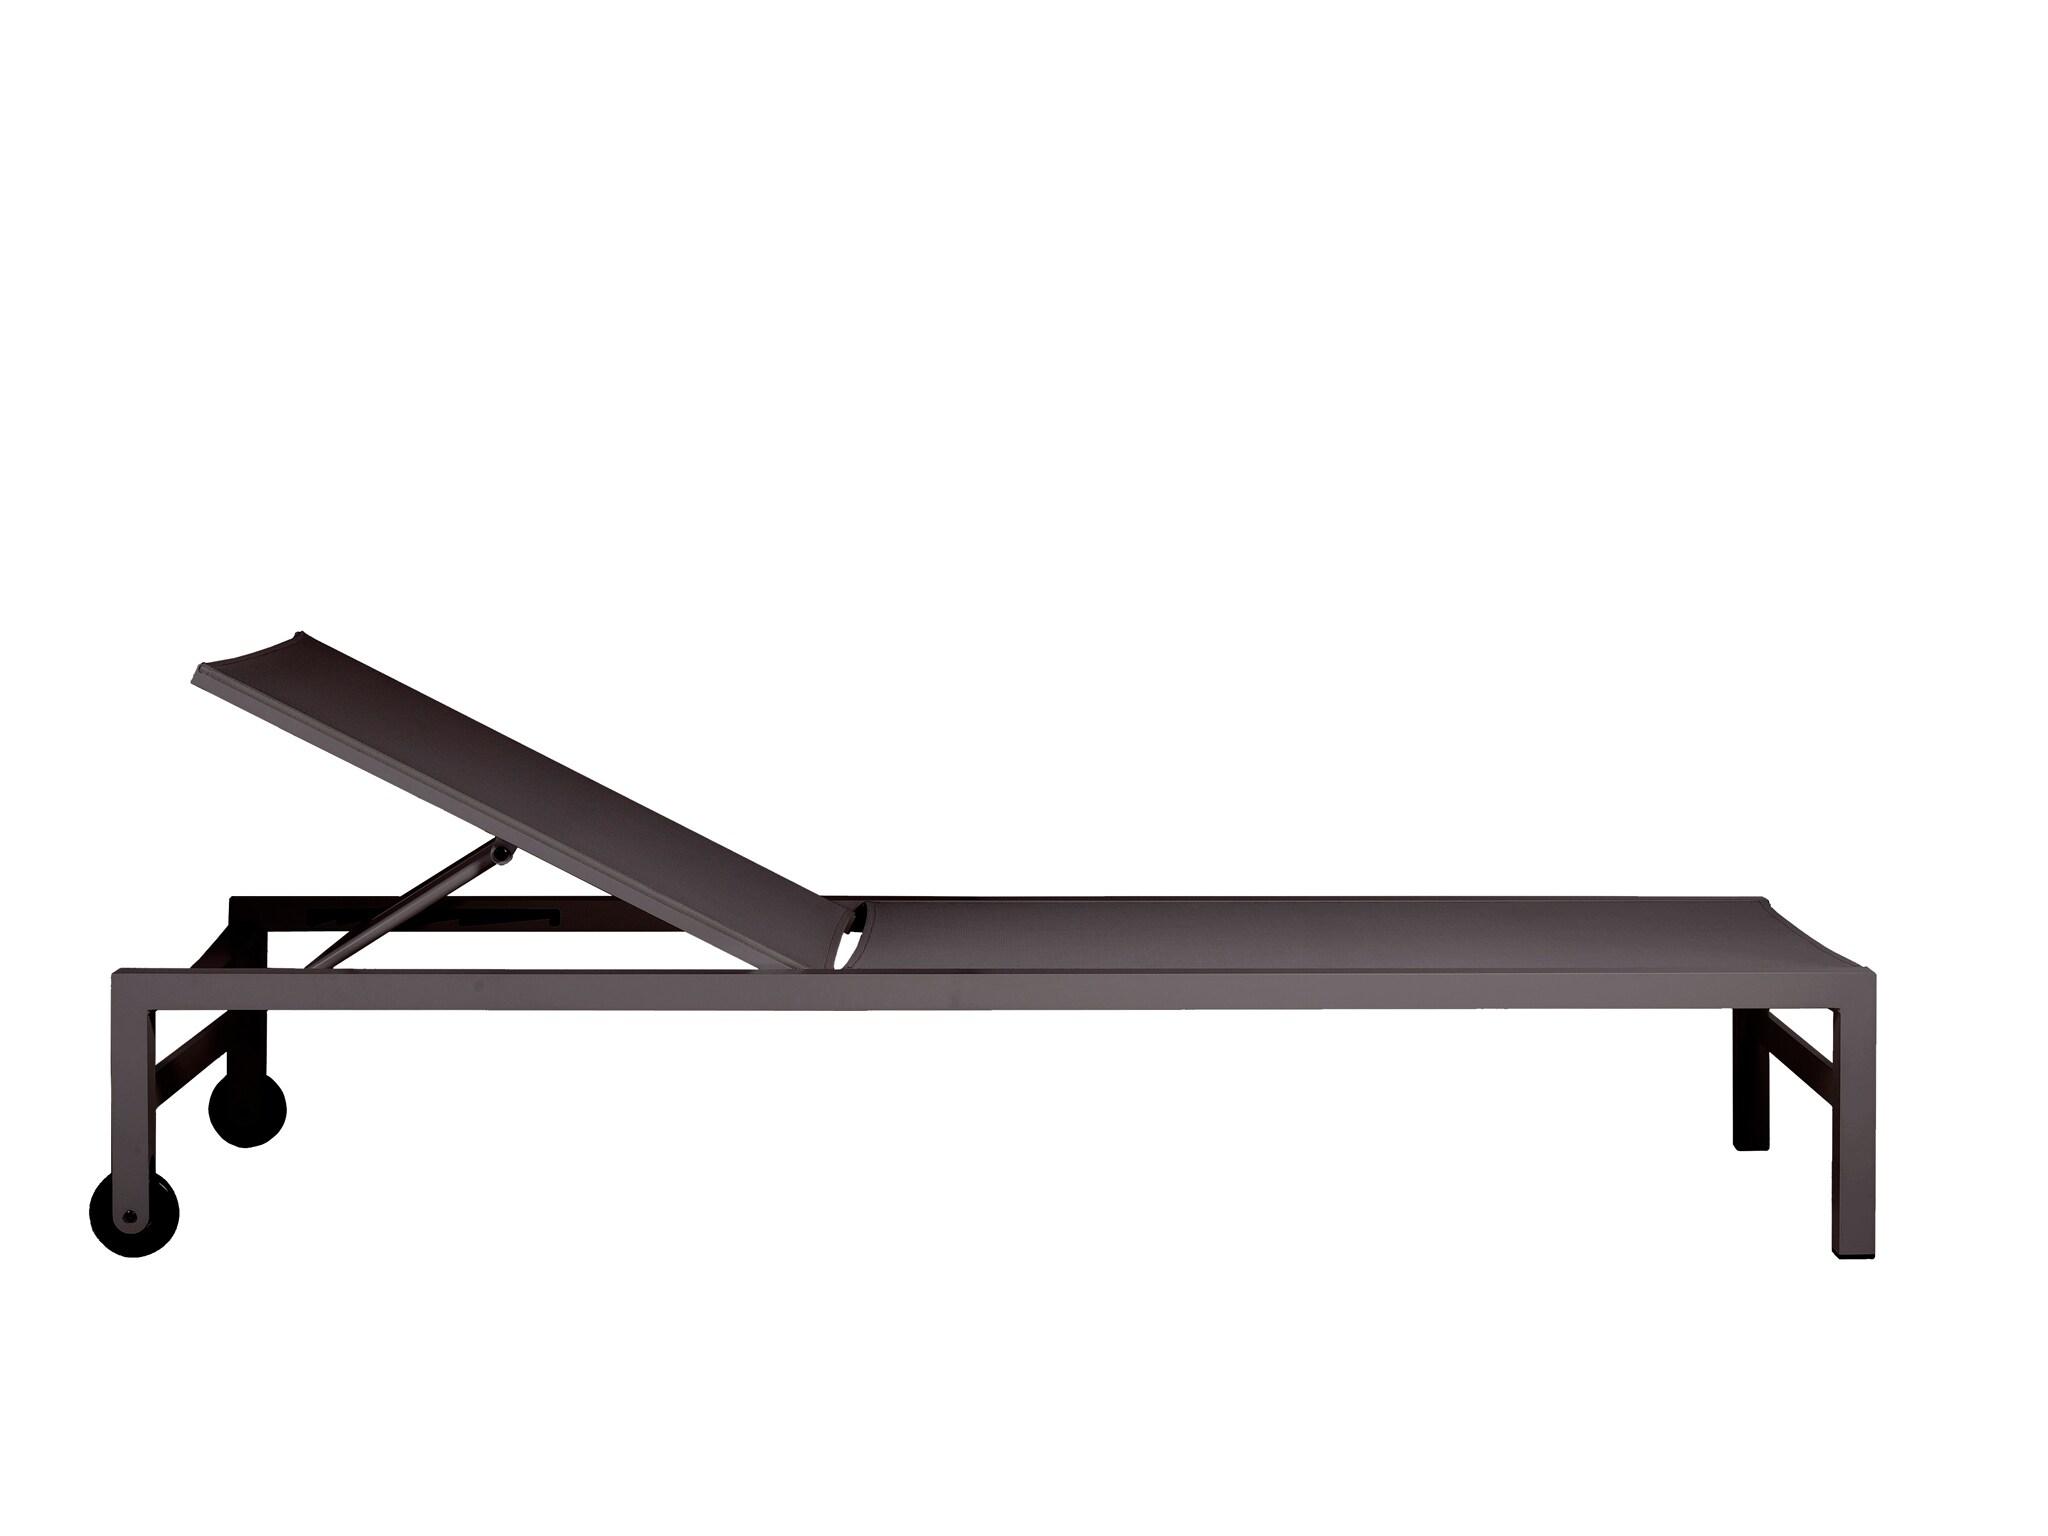 Lettino Forum, in alluminio verniciato a polvere e seduta in tessuto Batyline ad alta resistenza, TRIBÙ (895 € + Iva).